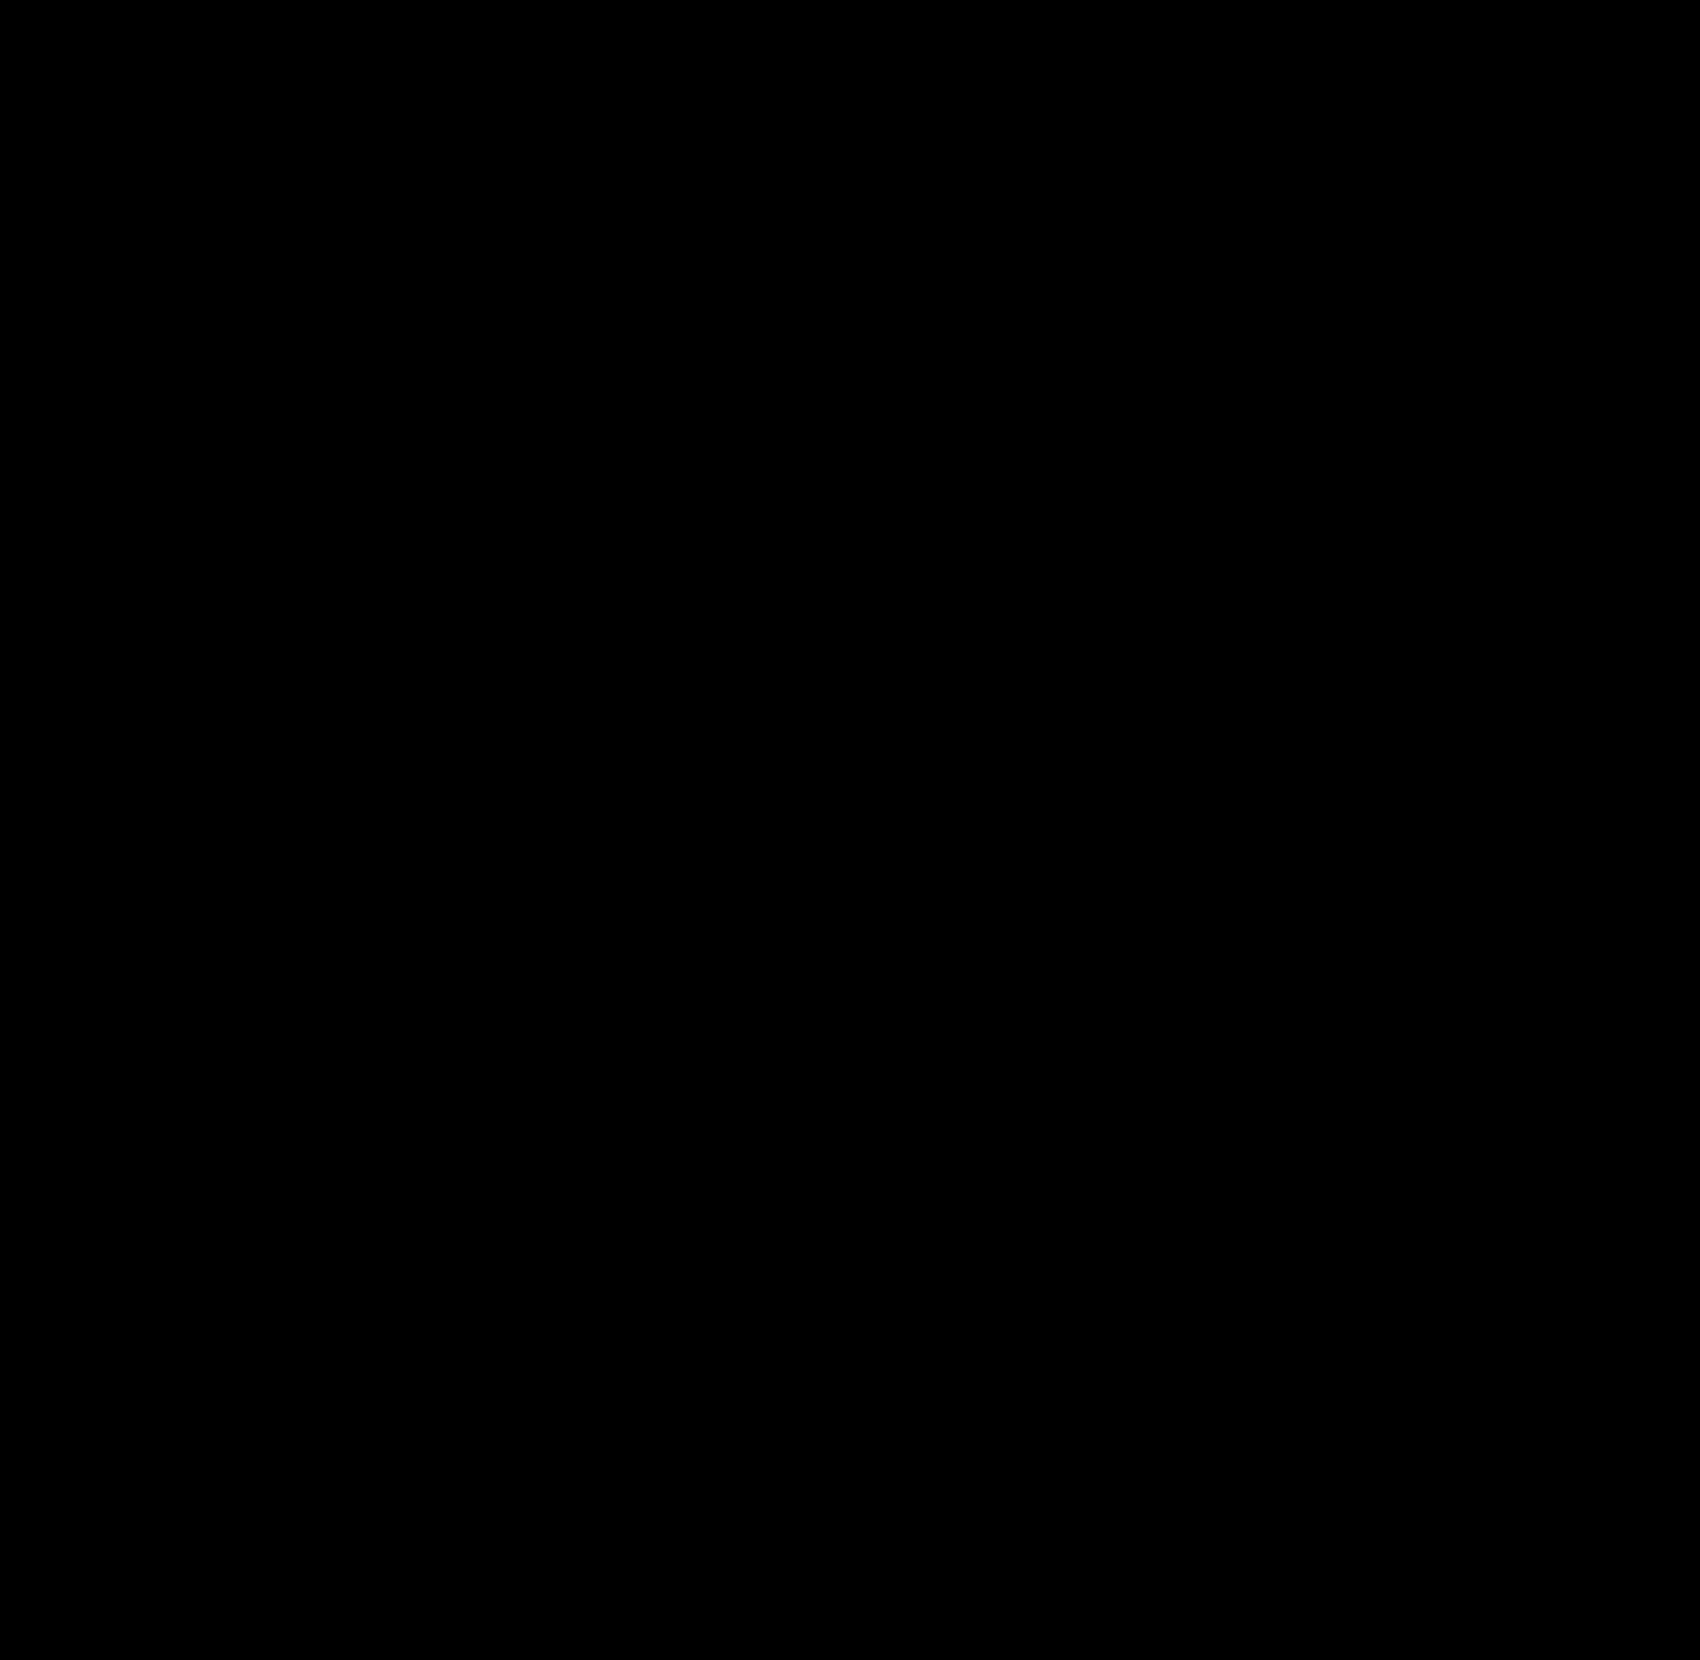 simbolo-de-reciclagem-3